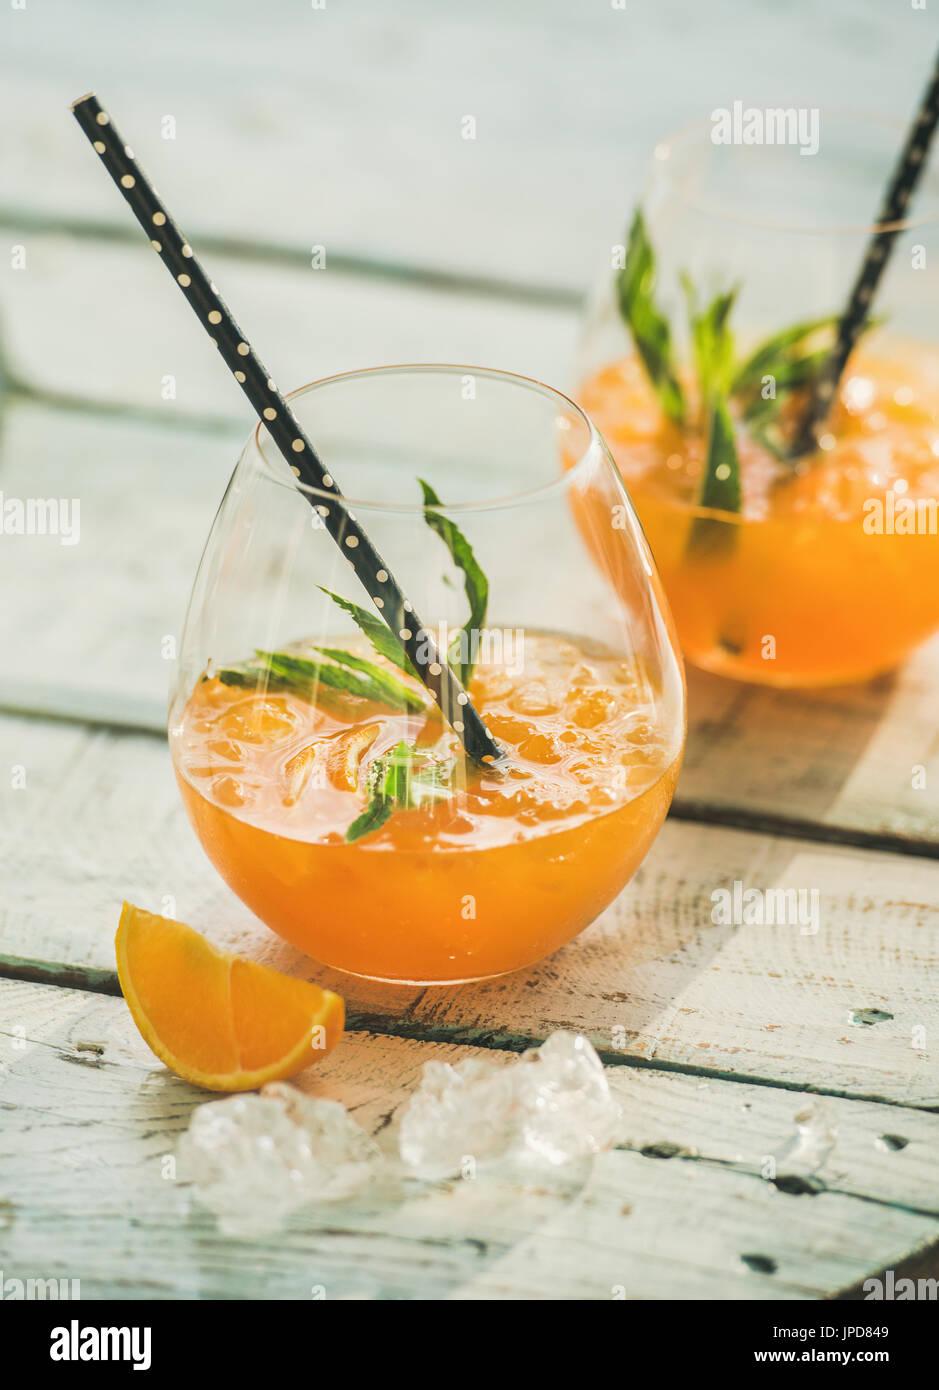 Rinfrescanti bevande fredde estate cocktail di agrumi con arancia Immagini Stock